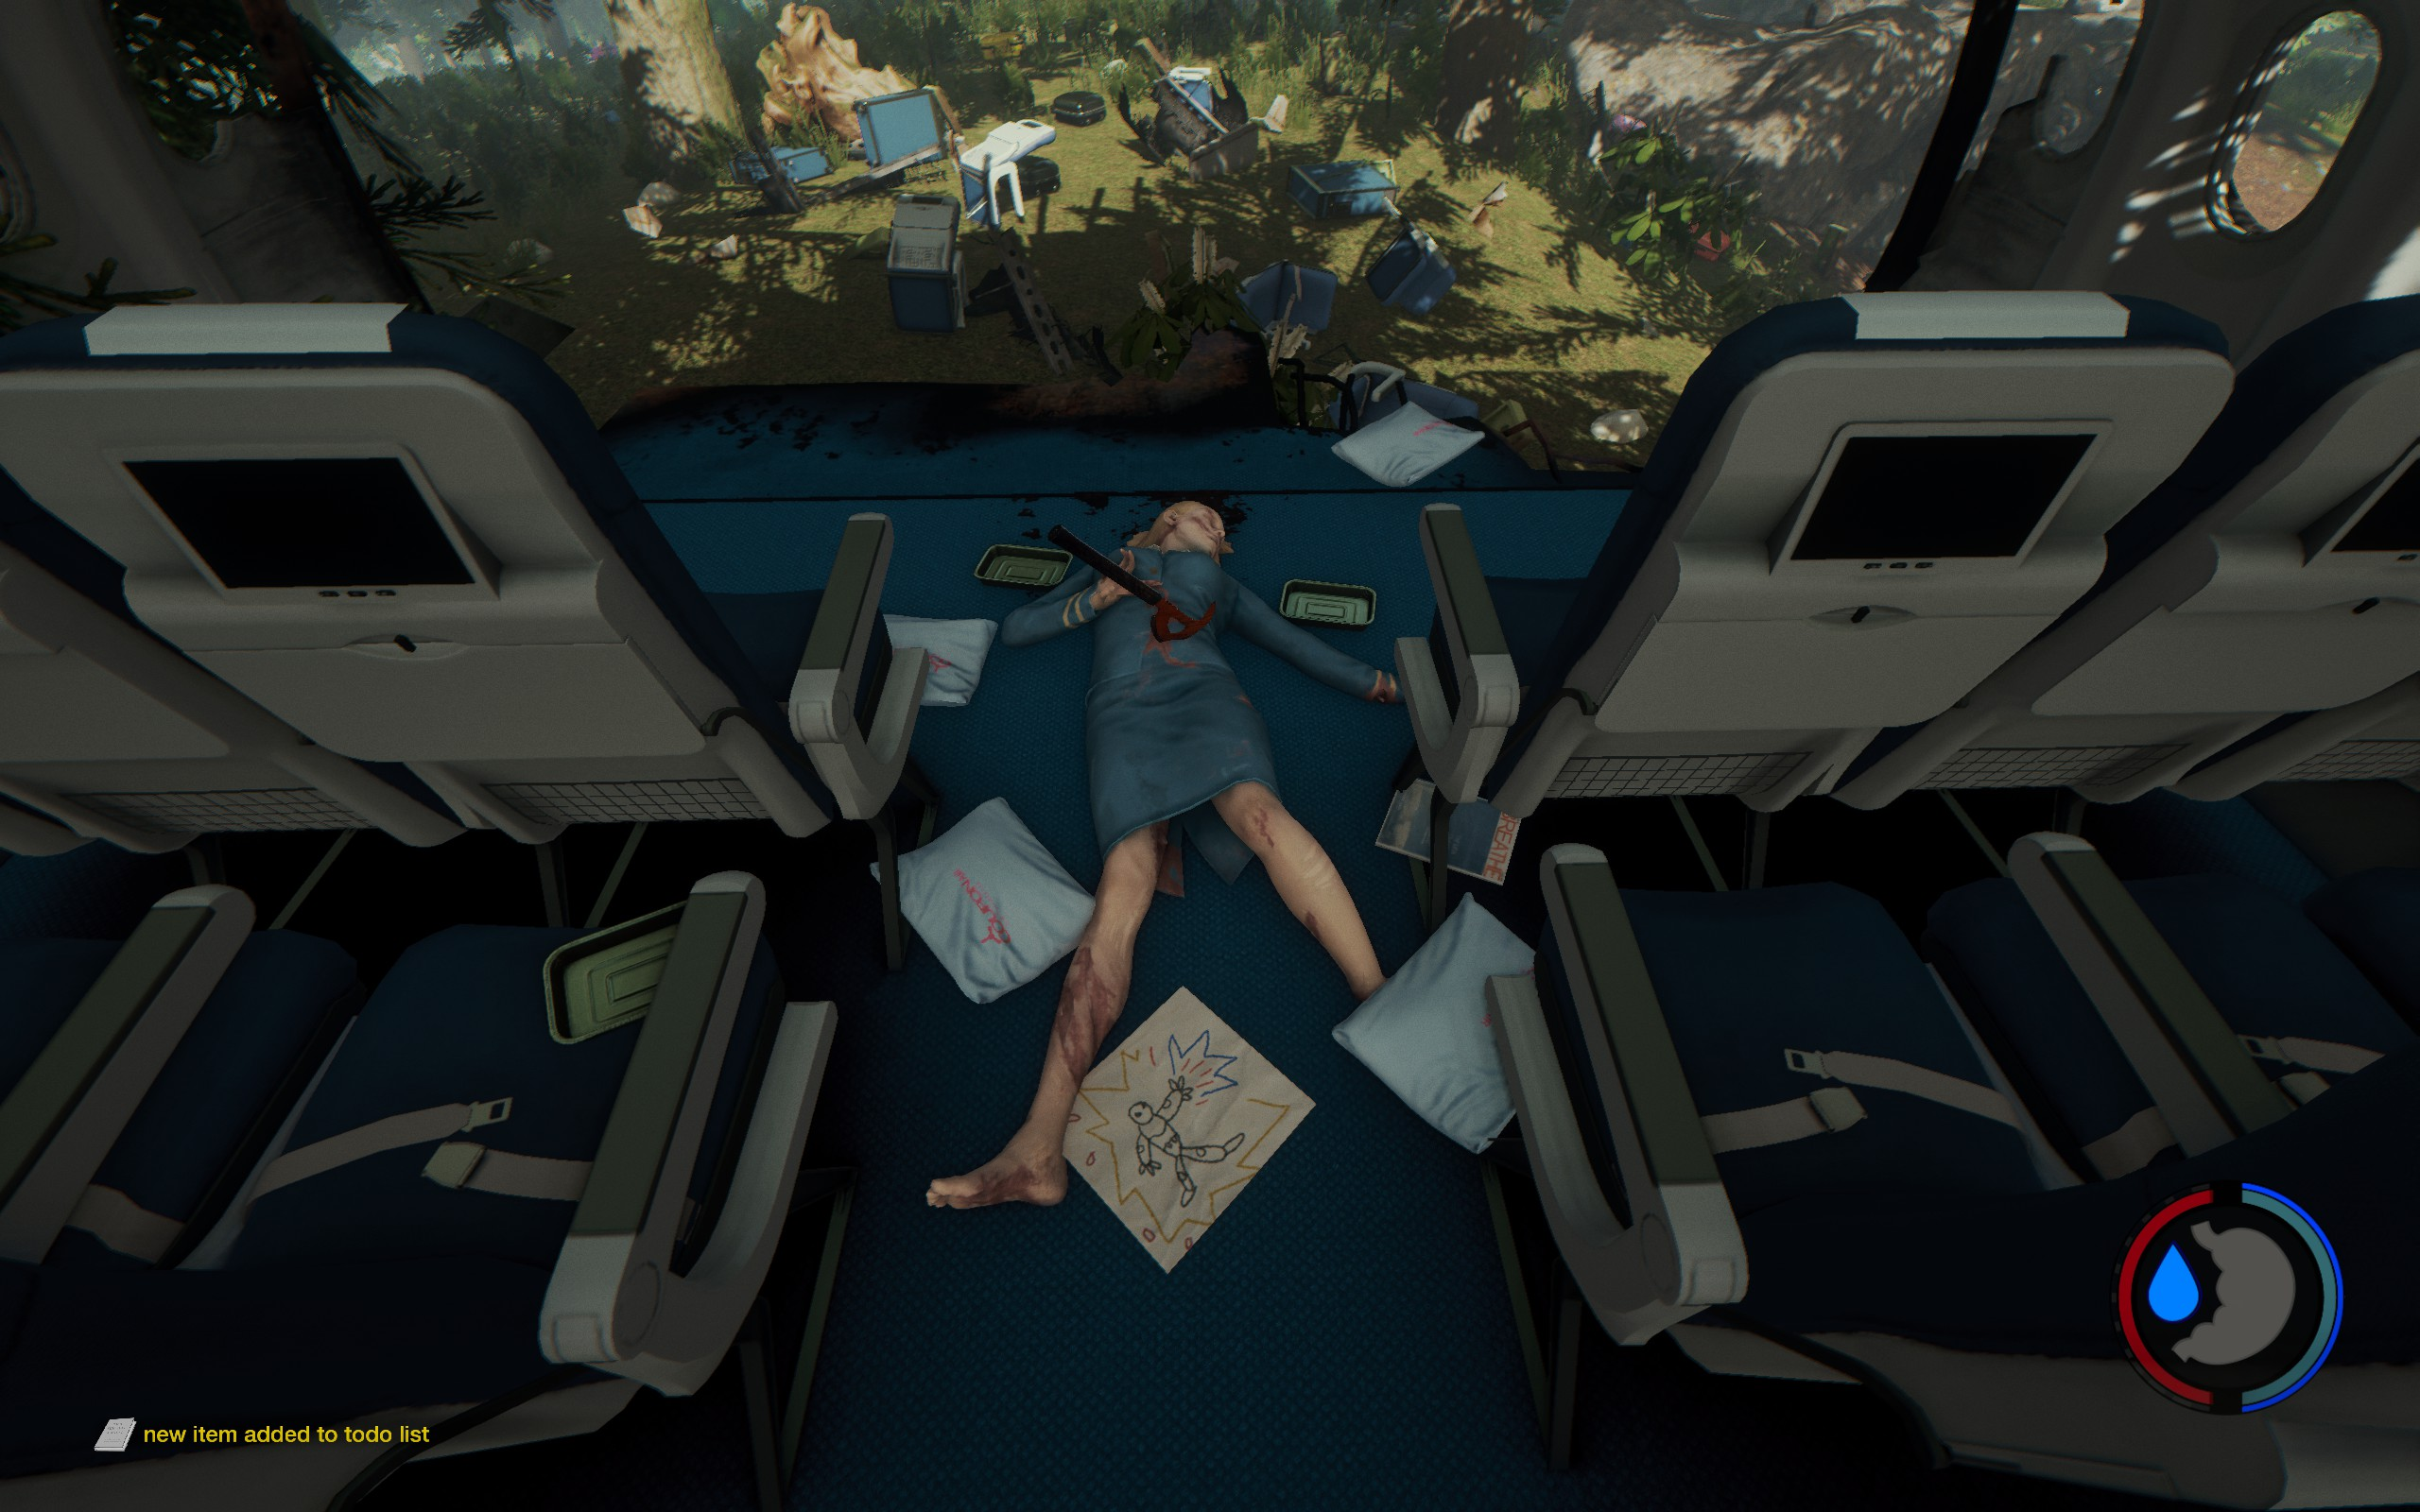 """Résultat de recherche d'images pour """"the forest plane game"""""""